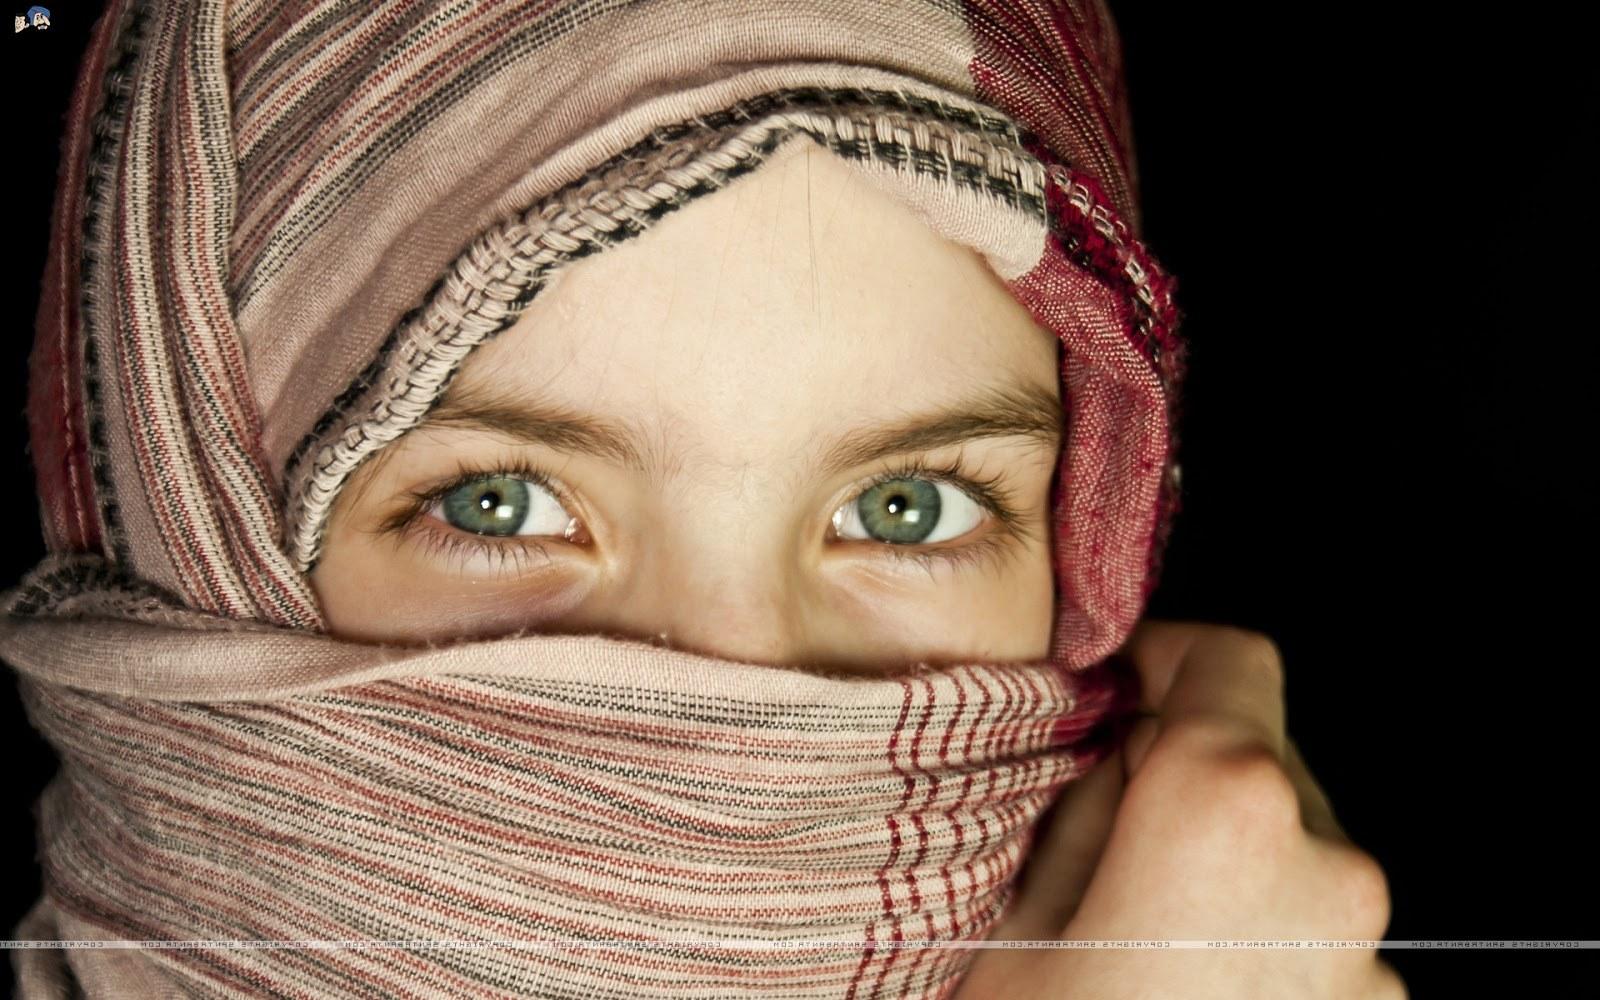 Ide Muslimah Bercadar Wddj Koleksi Wallpaper Wanita Muslimah Bercadar Fauzi Blog